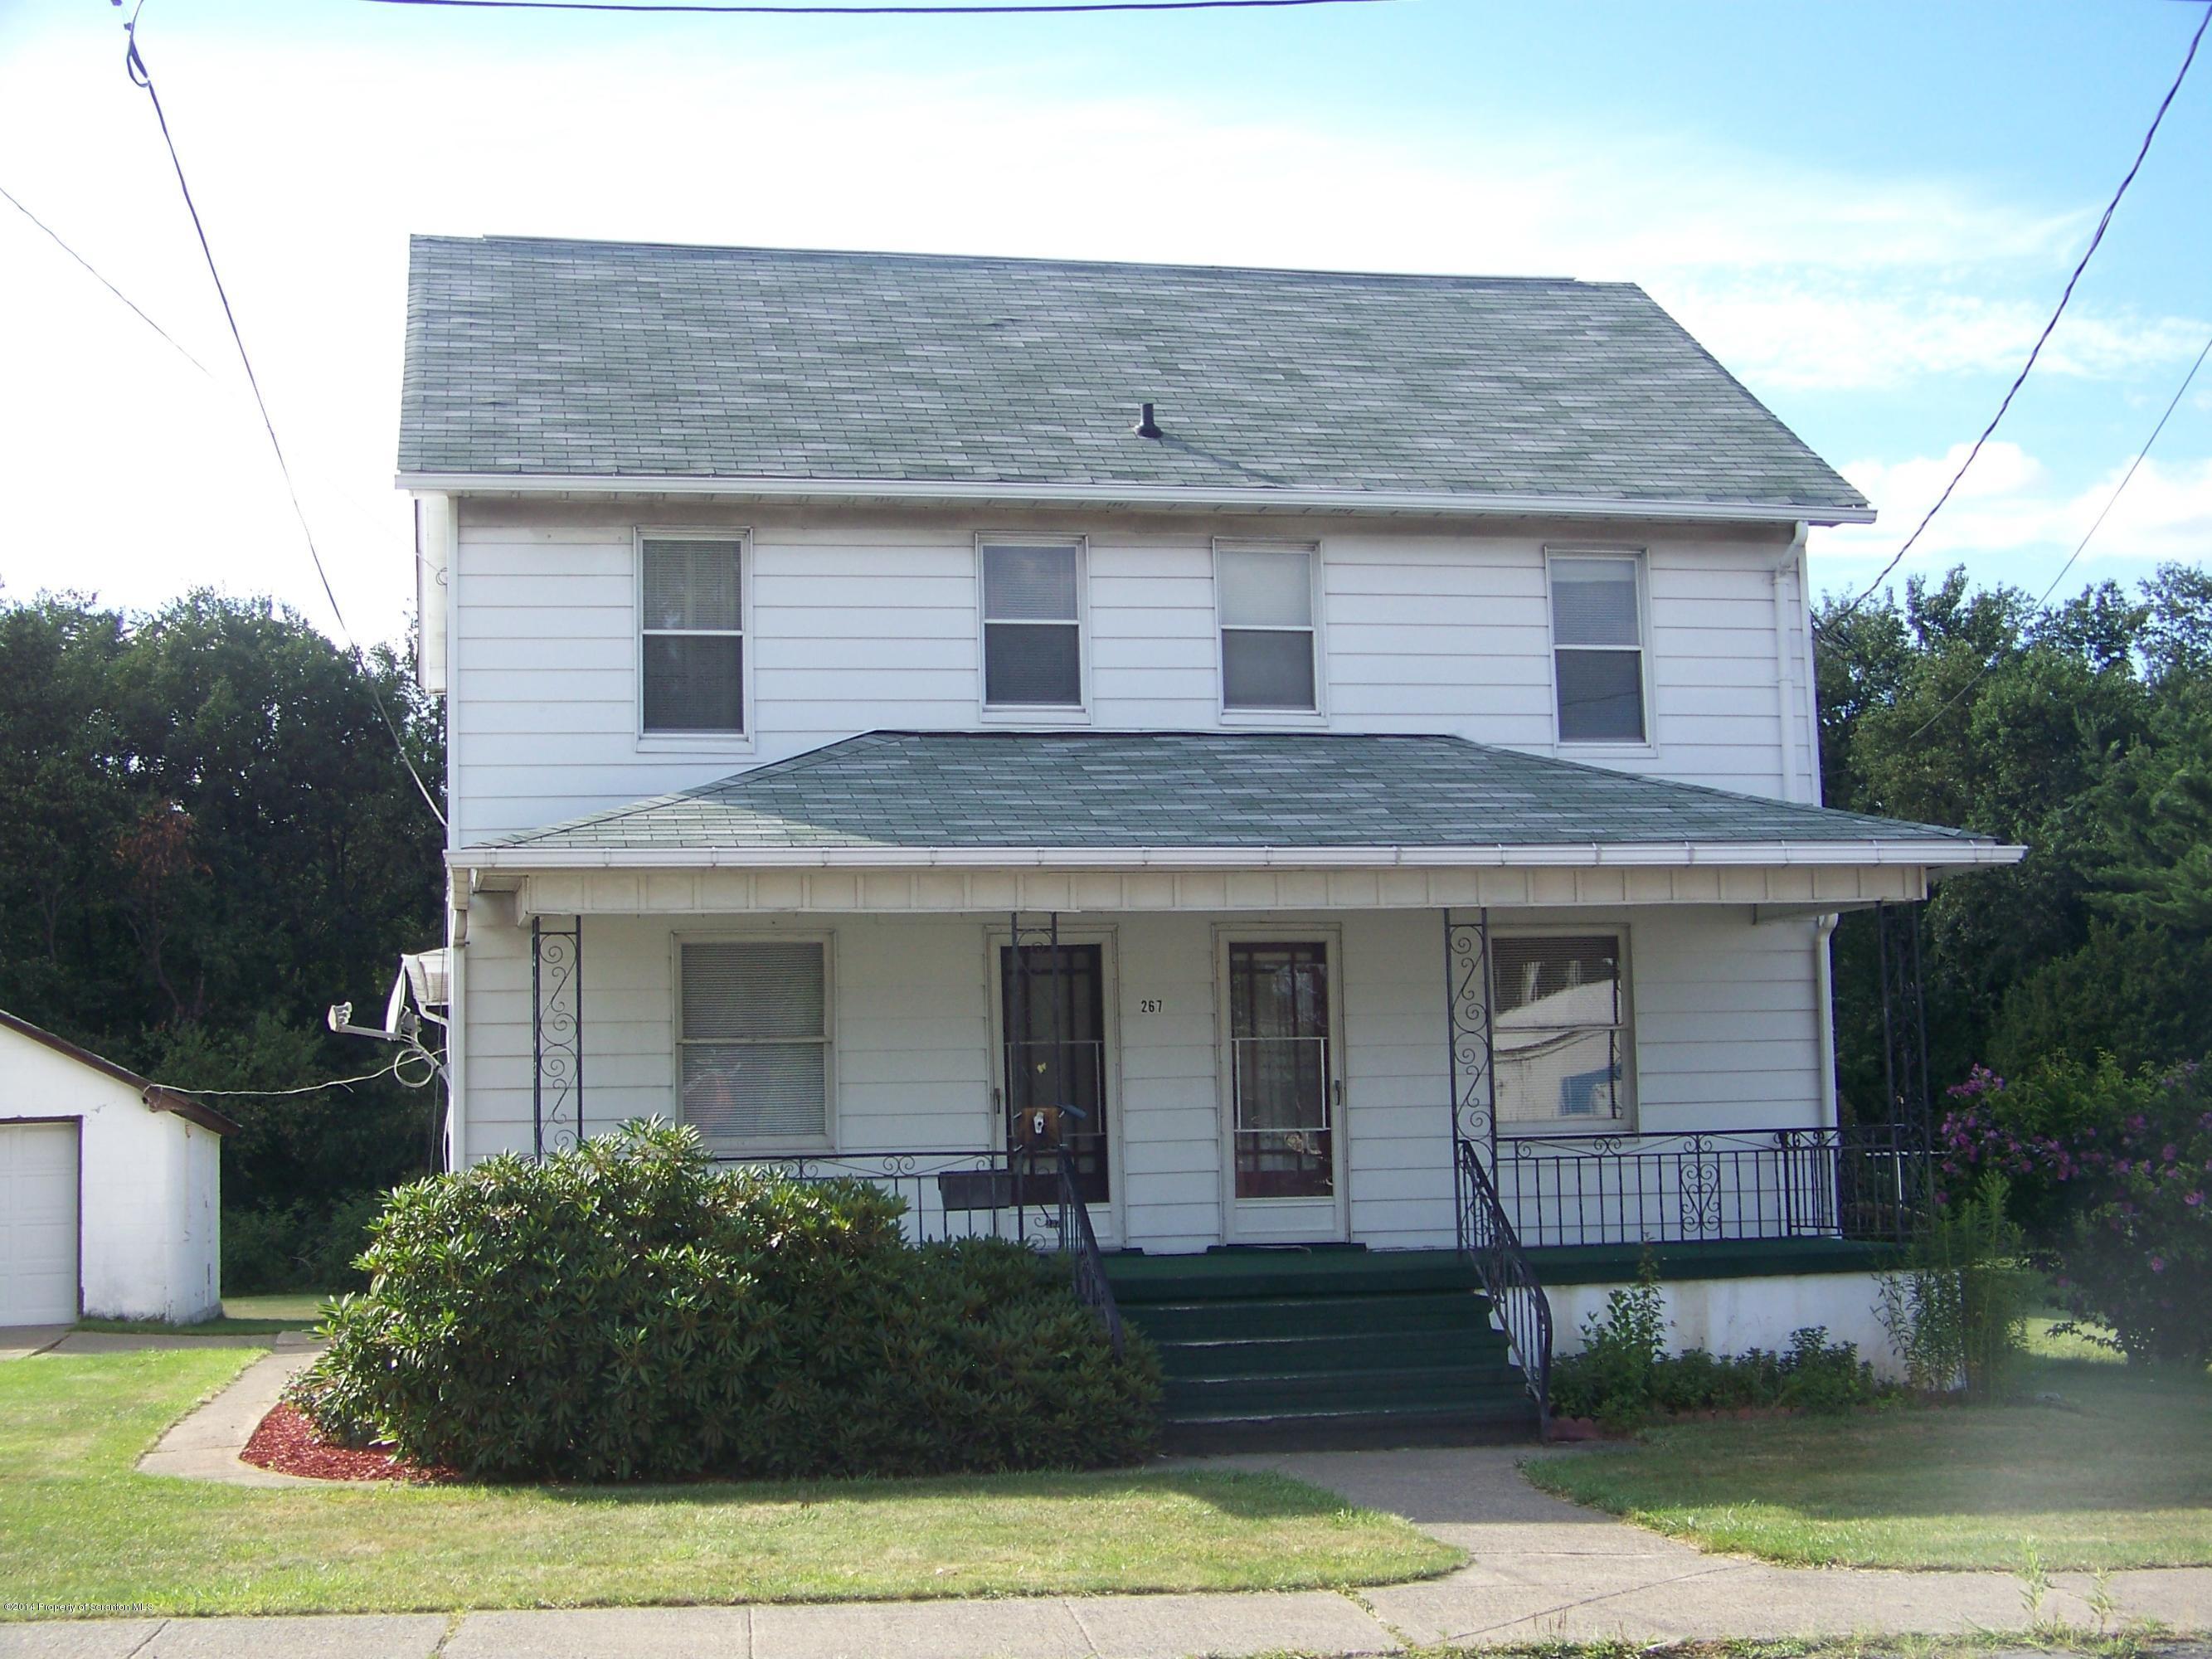 265 MAIN St, Eynon, Pennsylvania 18403, ,2 BathroomsBathrooms,Commercial,For Sale,MAIN,14-3658